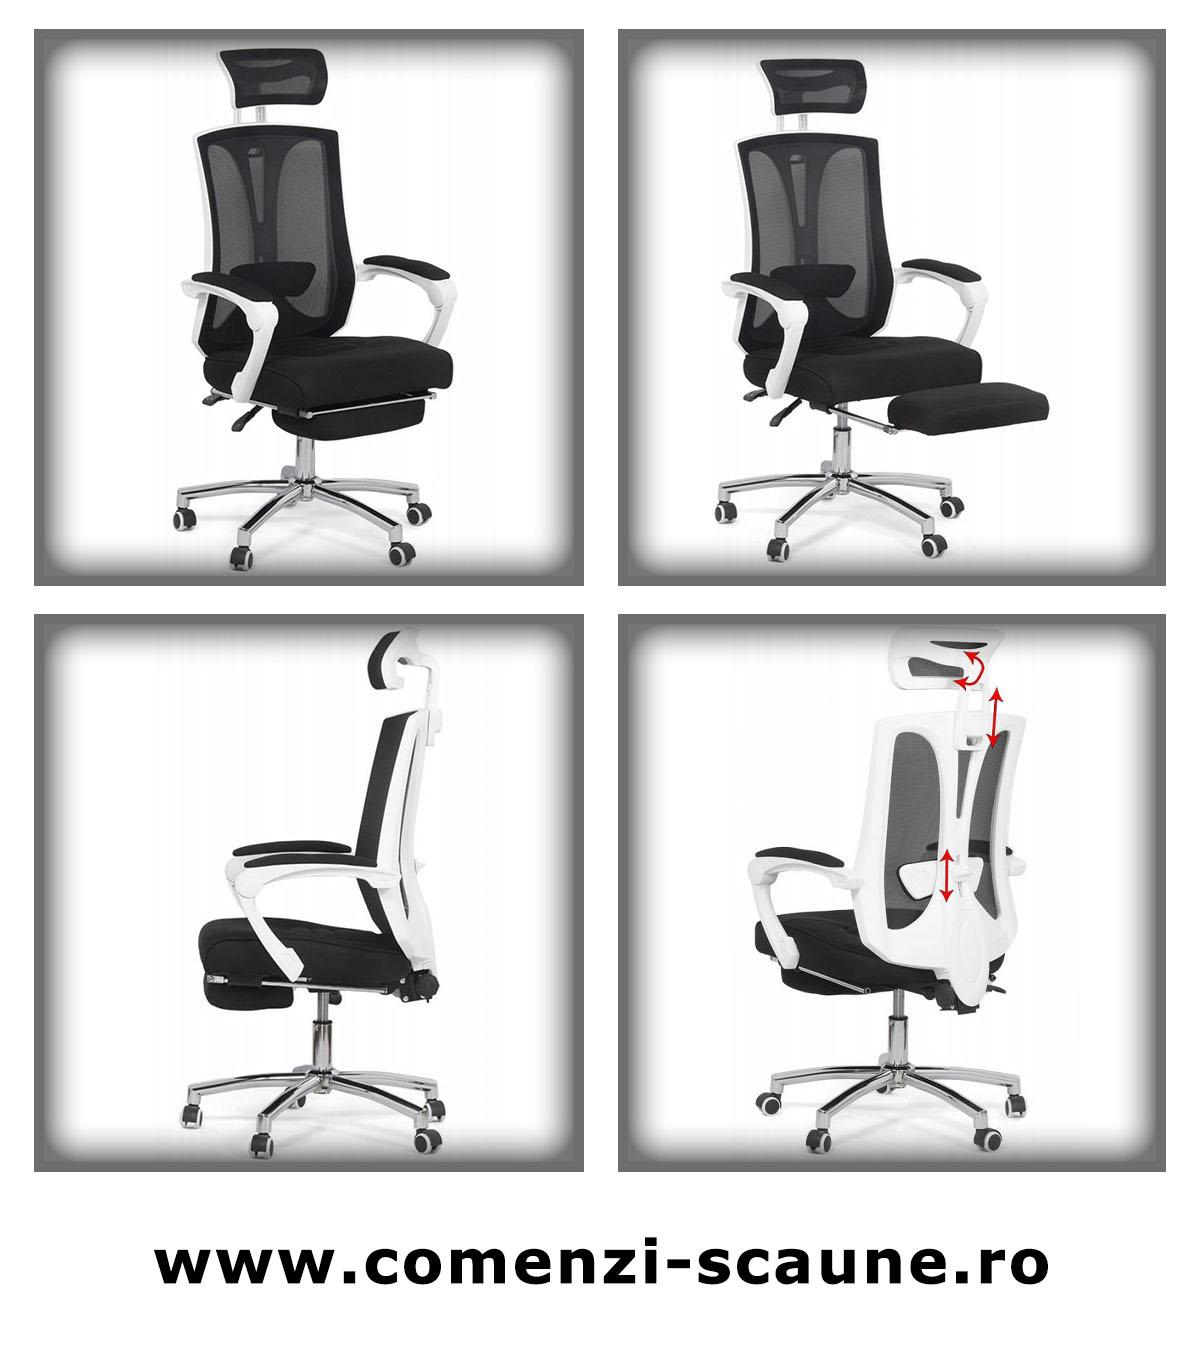 Scaune de birou ergonomic cu suport pentru picioare Office 420